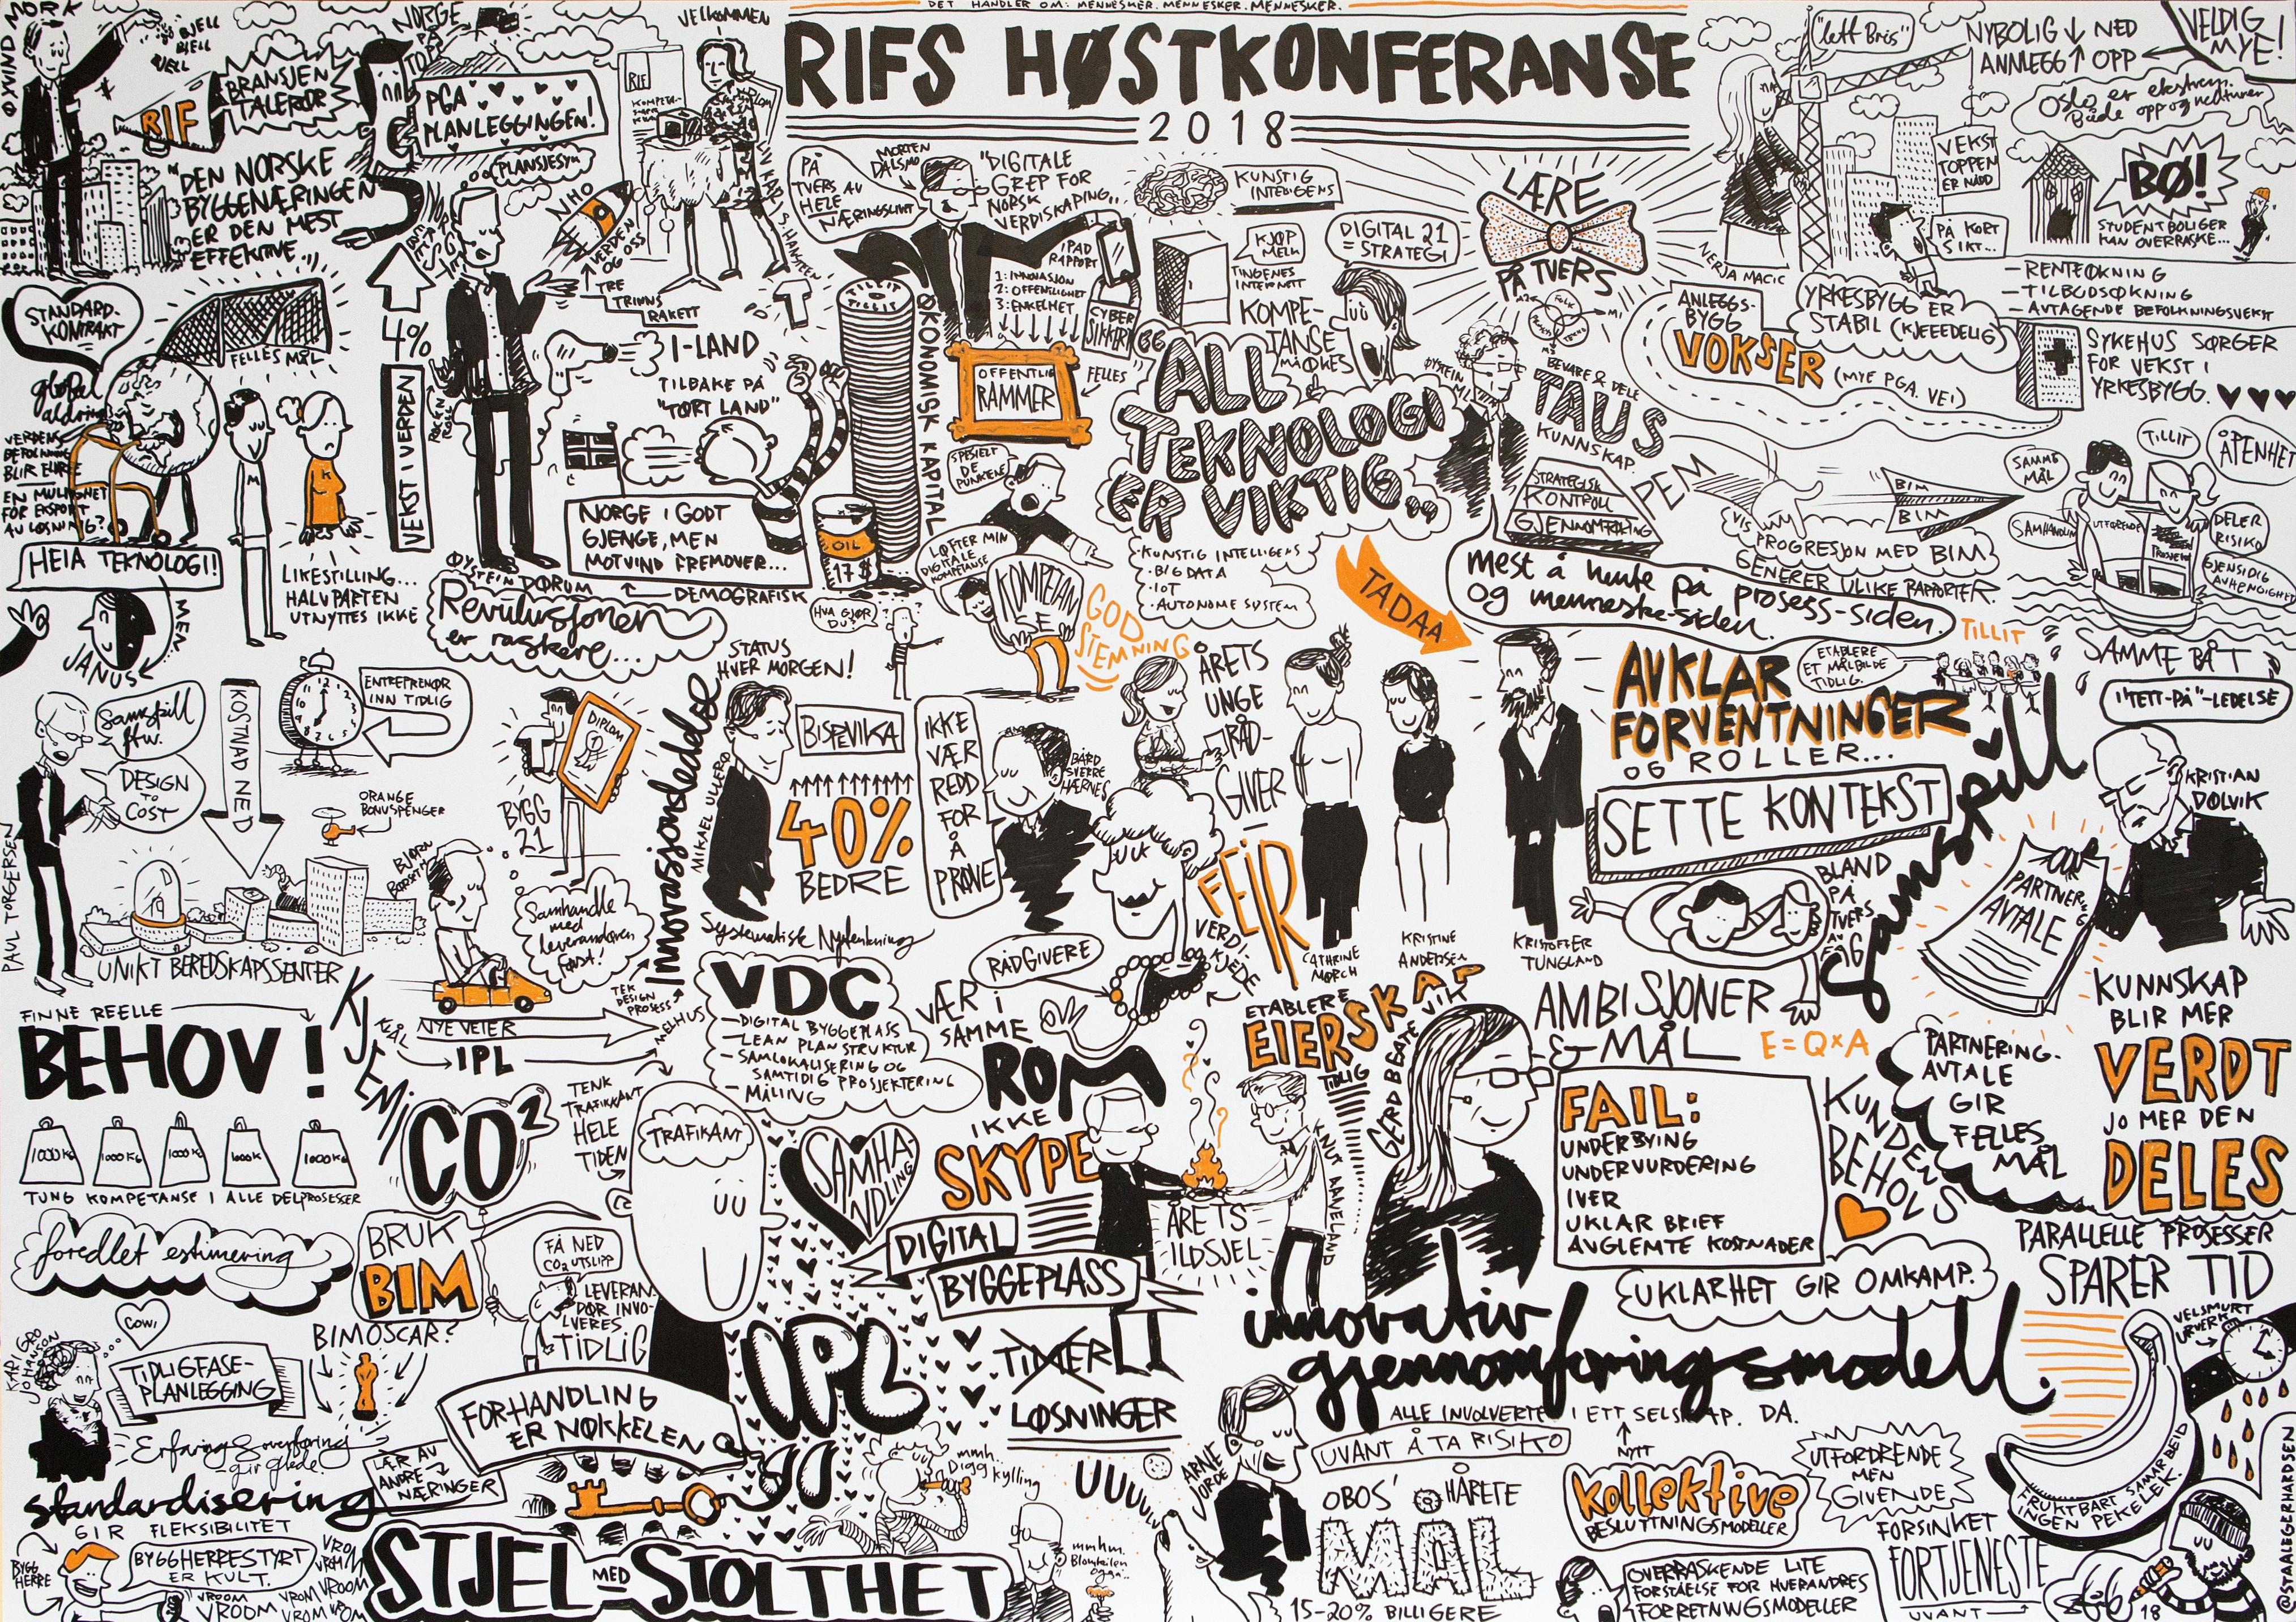 se-presentasjonene-fra-rifs-hostkonferanse